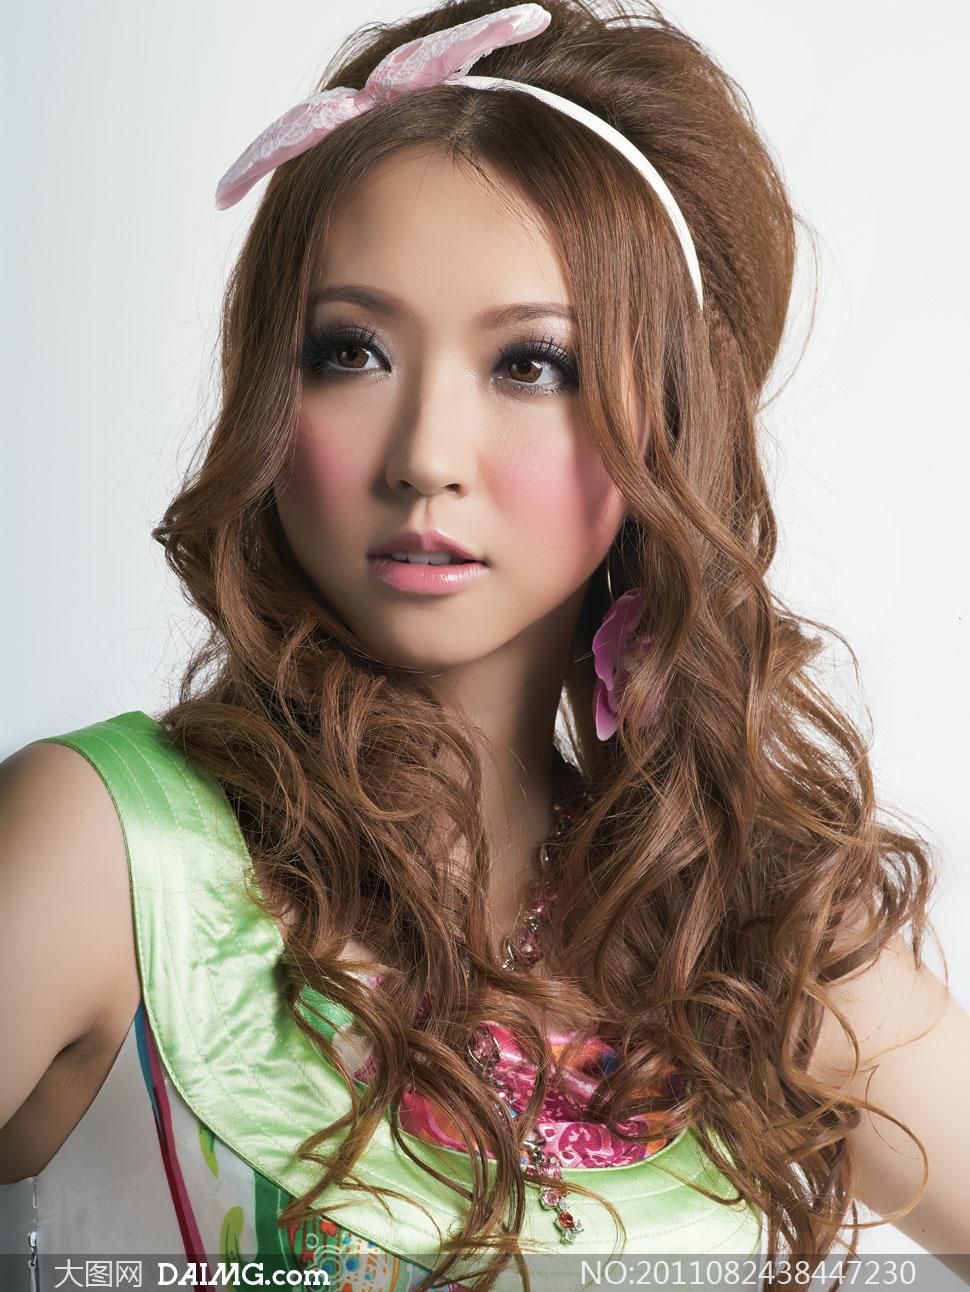 甜美发型模特美女人物高清摄影图片